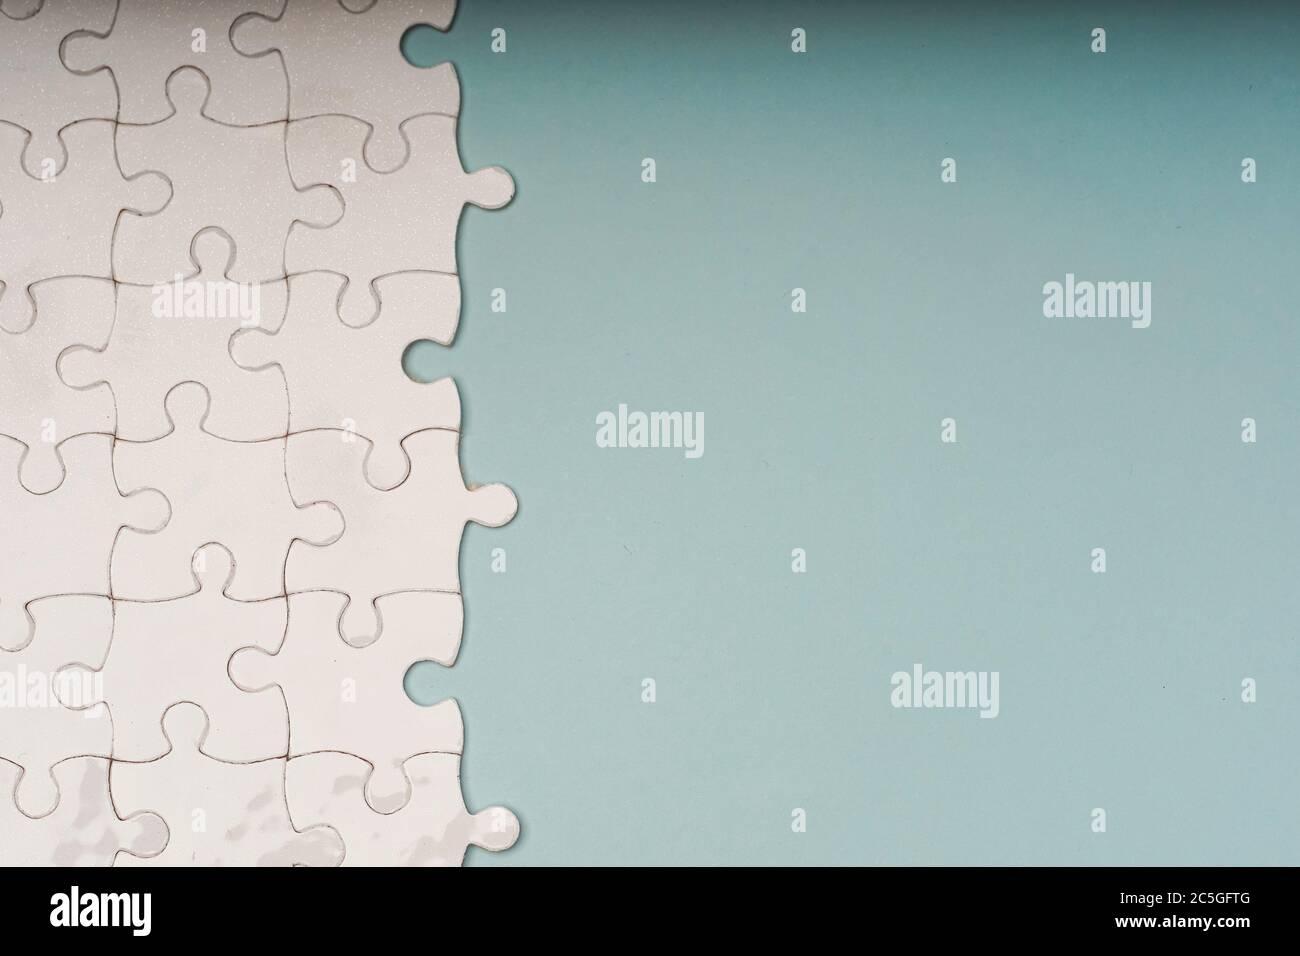 Geschlossene Aufnahme von leeren weißen Puzzleteilen, selektiver Fokus, Kopierraum für Text Stockfoto